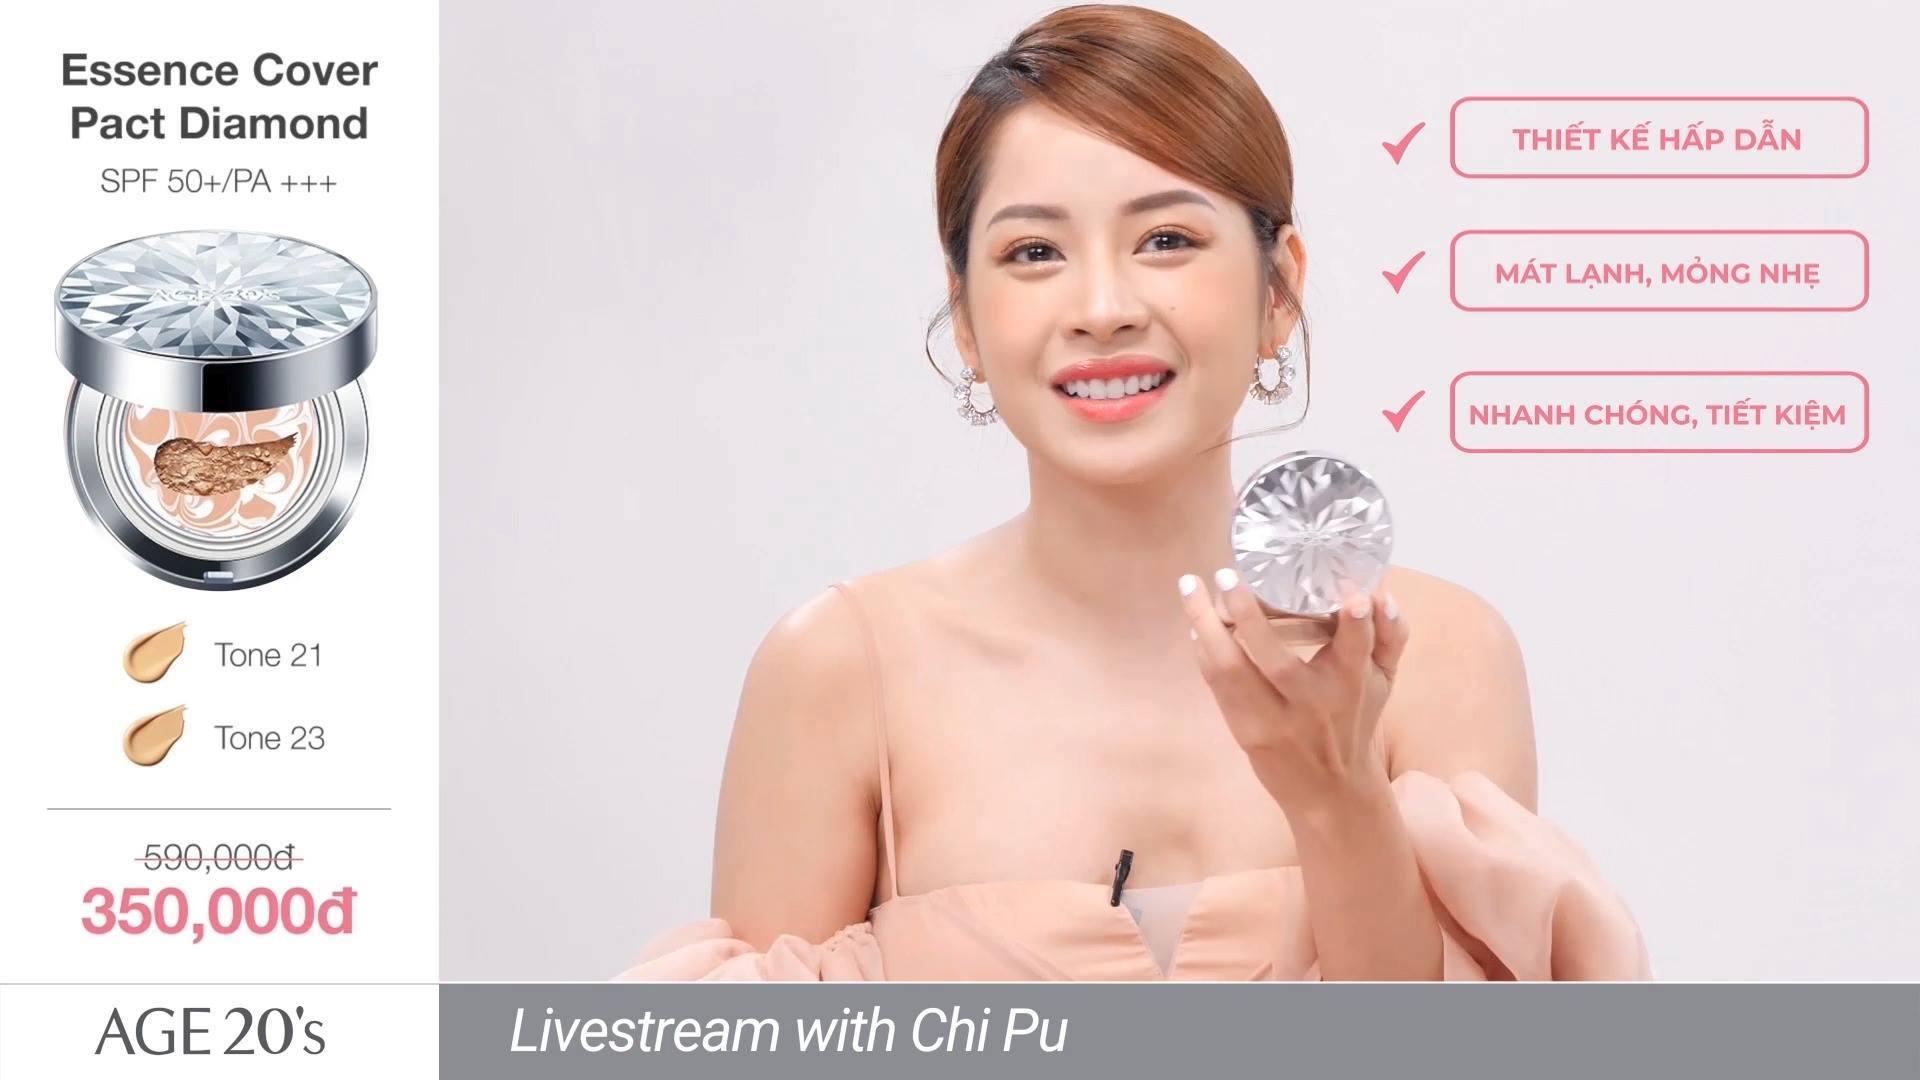 Phấn Nền Lạnh Kim Cương Age20's Essence Cover Pact Diamond SPF 50+/PA +++ - 1